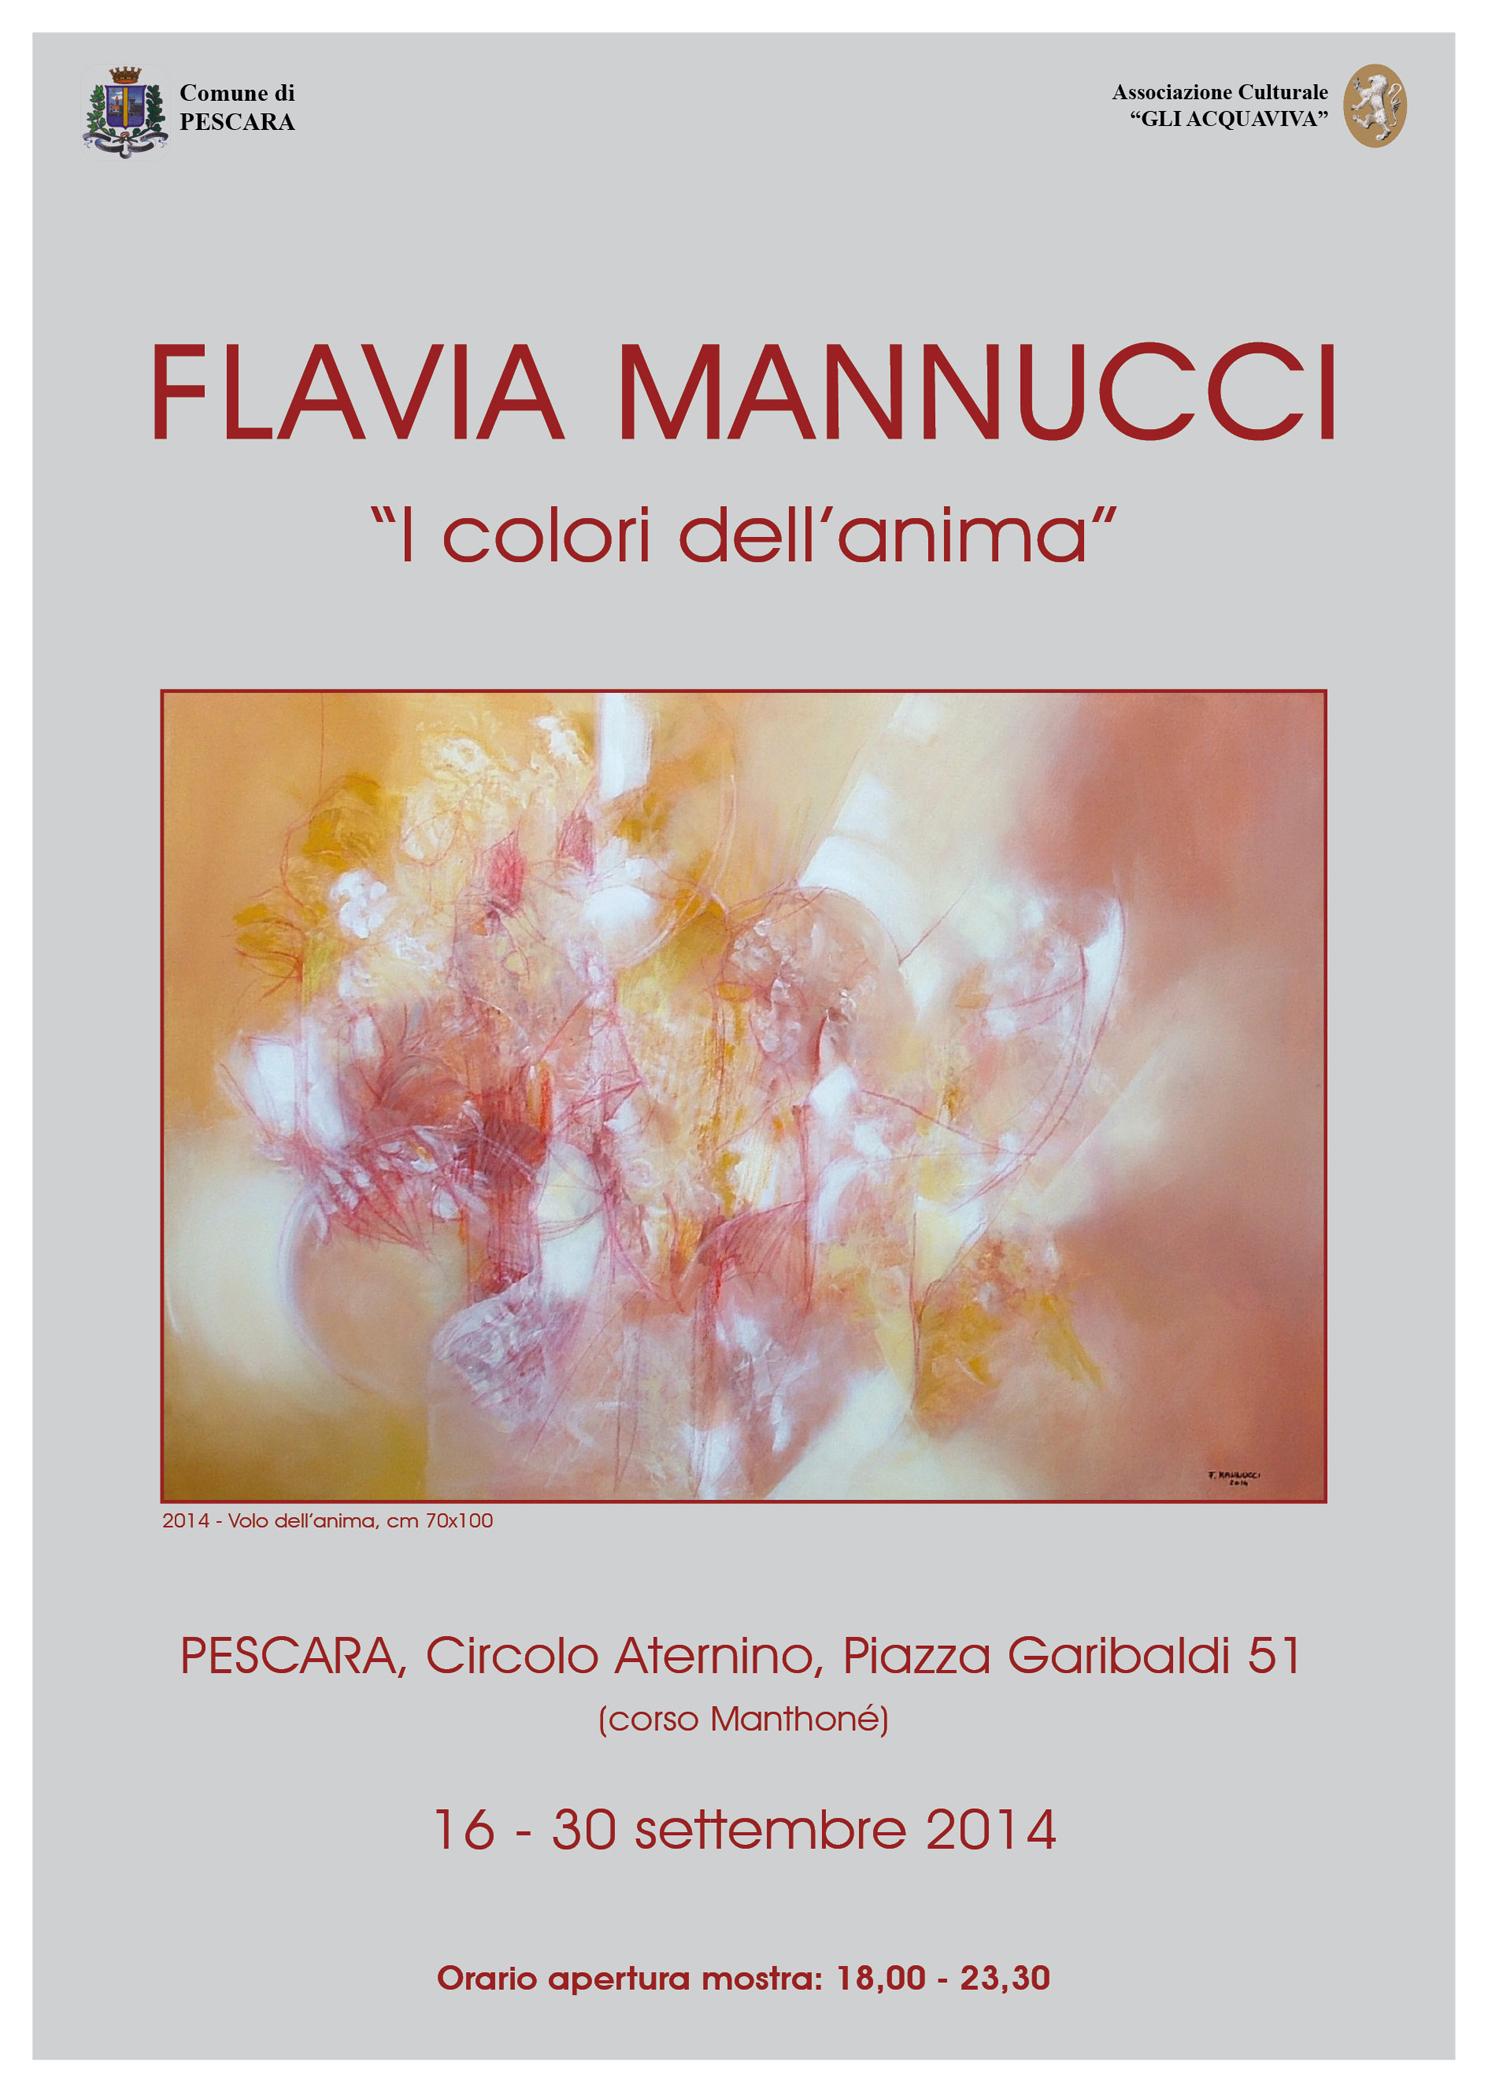 Locandina mostra I colori dell'anima di Flavia Mannucci